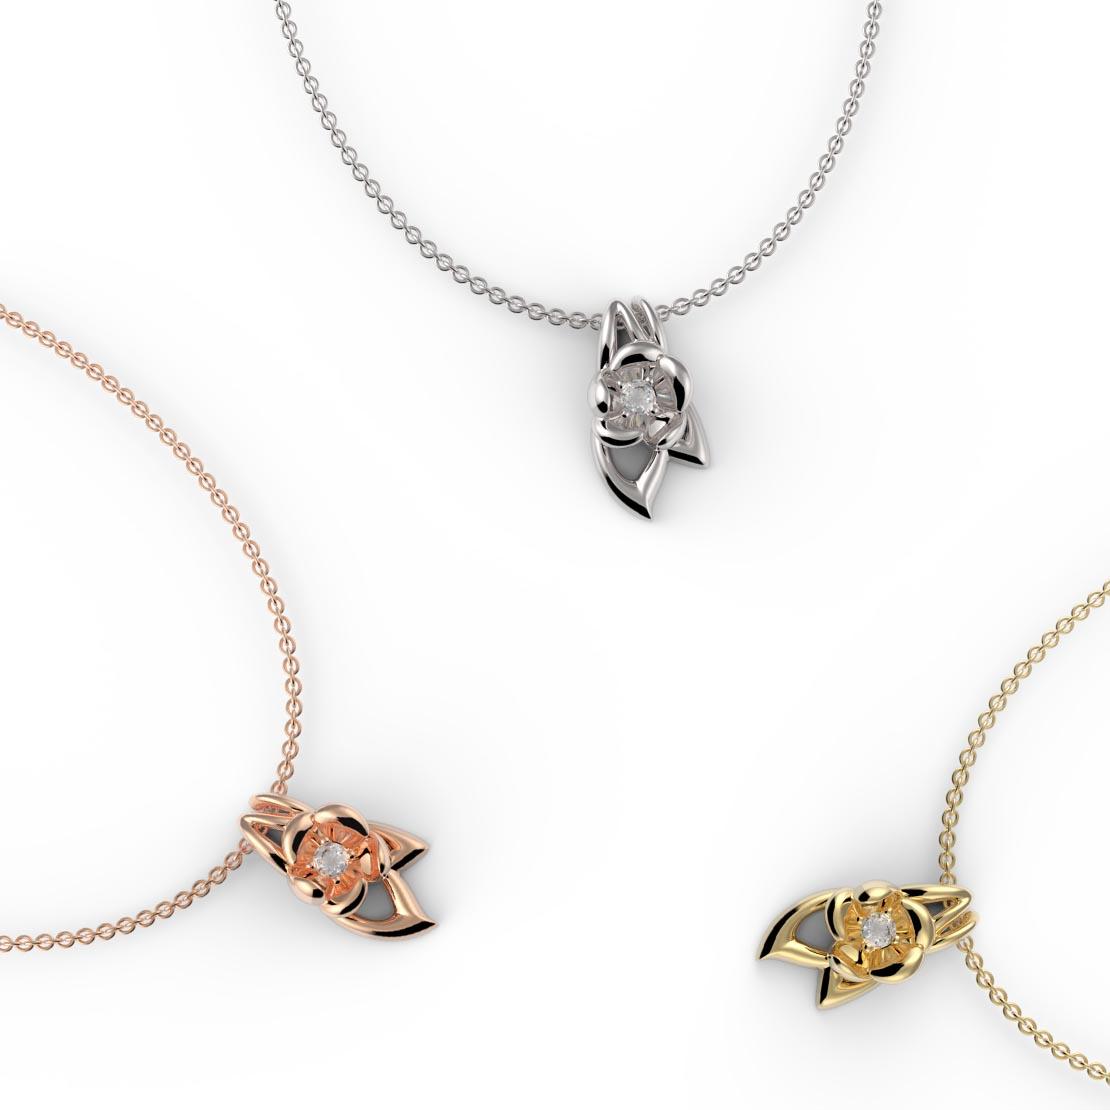 KAMPUSCH Necklaces